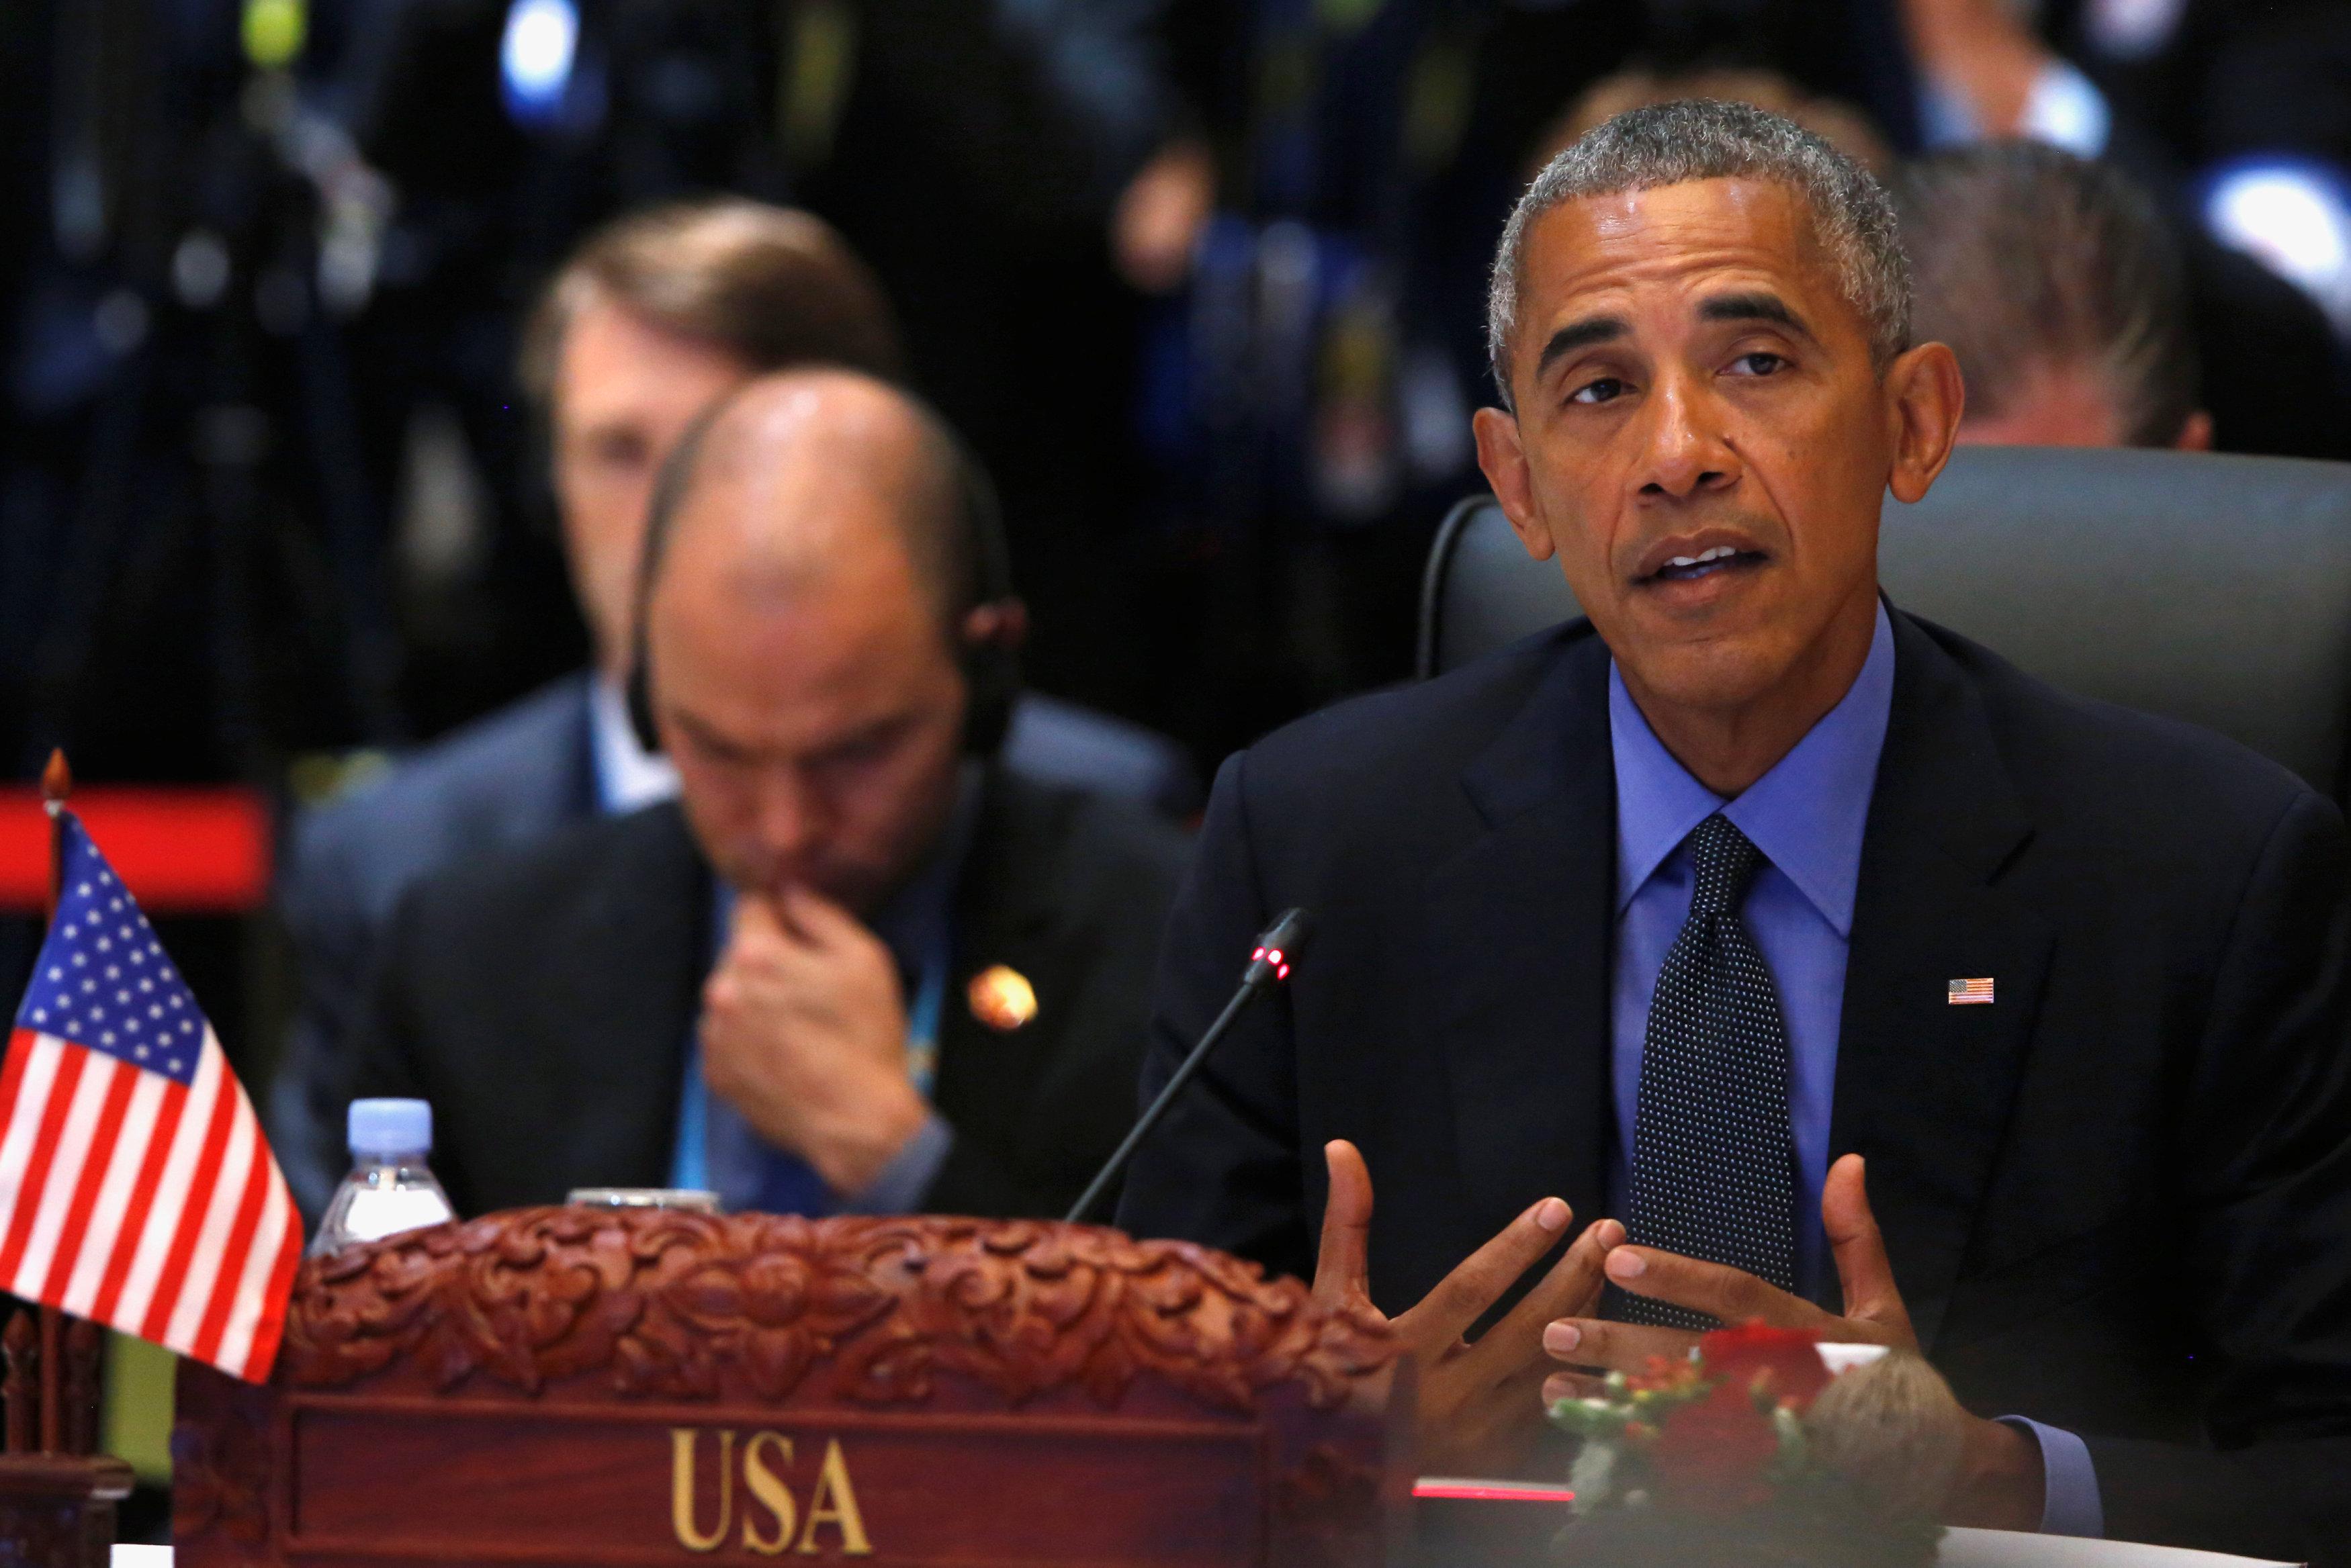 Tổng thống Mỹ Barack Obama phát biểu tại Hội nghị Cấp cao ASEAN - Mỹ ở thủ đô Vientiane - Lào ngày 8-9. Ảnh: Reuters